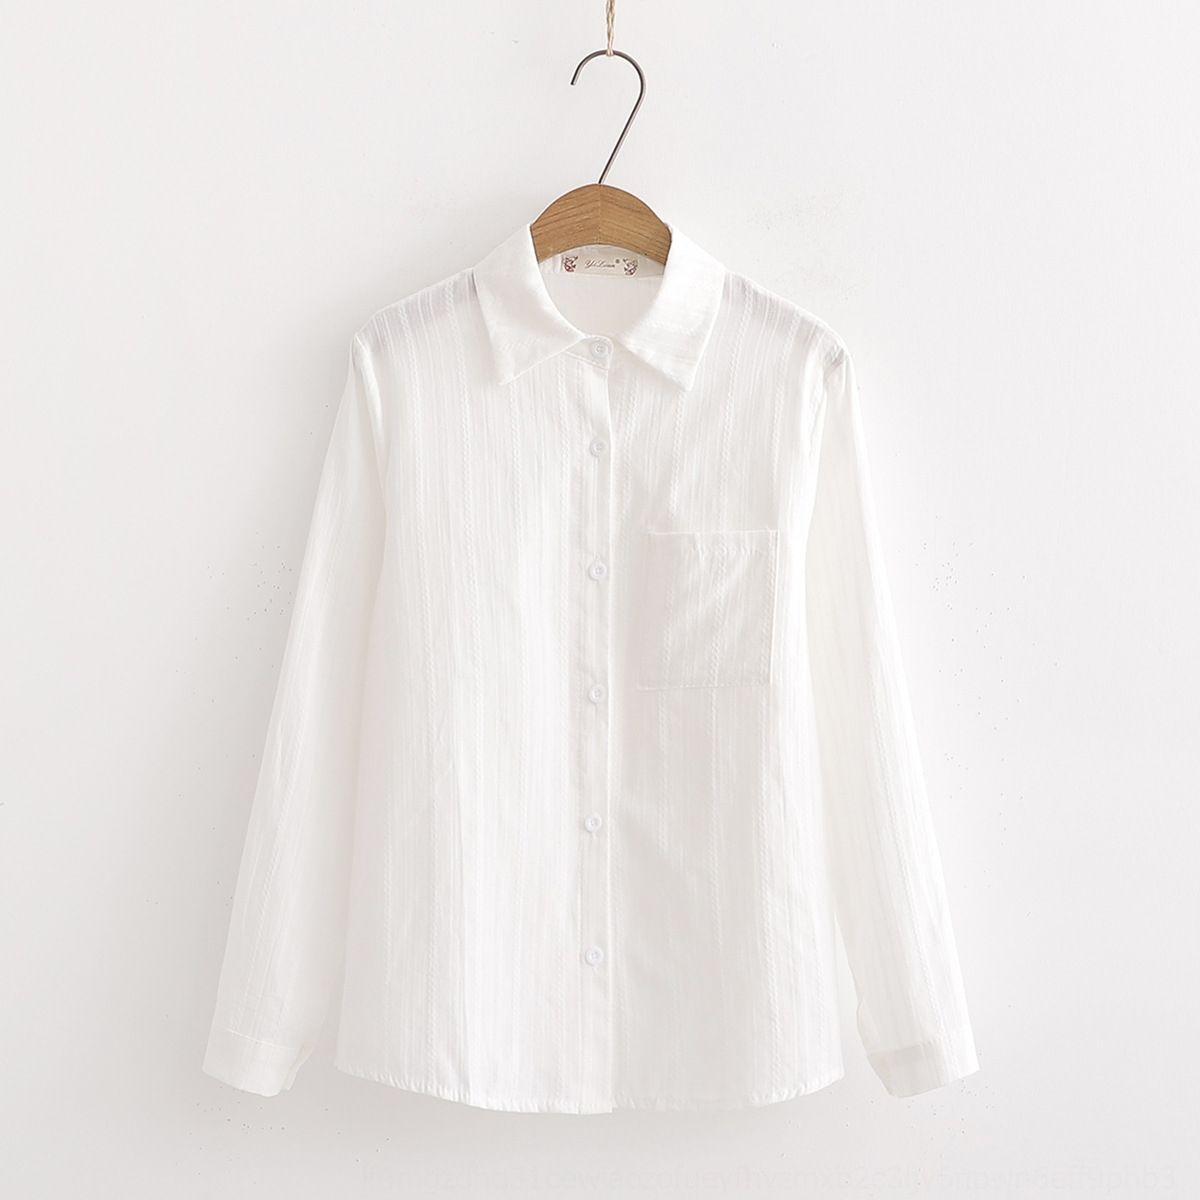 Хлопок белого белья женщин и Top белой рубашки осень 2019 кармана двойного нового дизайна чувство сверху рыхлое похудение рукав длинного отворот рубашка 3MENS